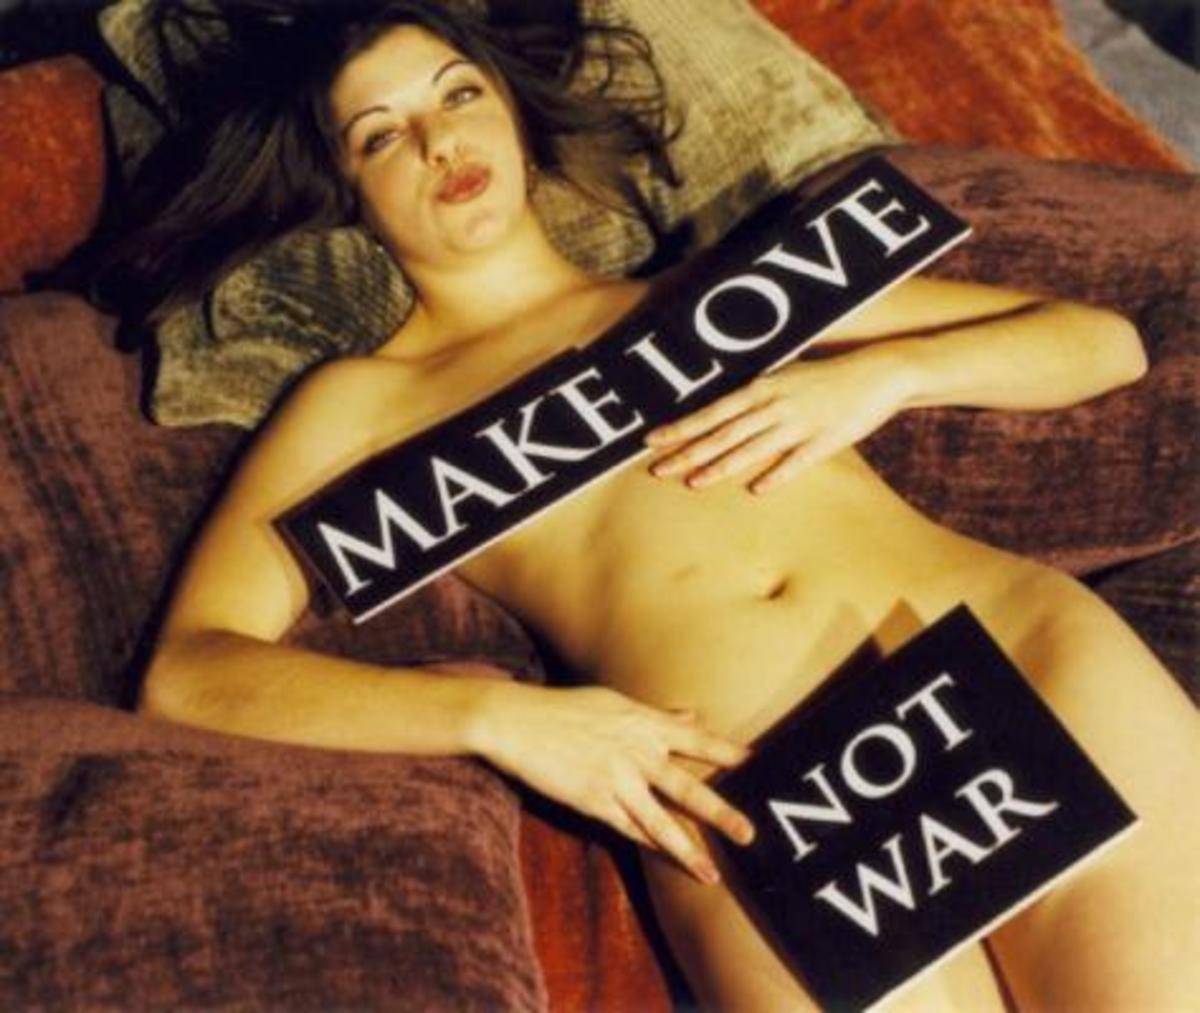 «Στοπ στο σεξ για να σταματήσει ο πόλεμος».Σύγγχρονη Λυσιστράτη στη Δ.Αφρική! | Newsit.gr